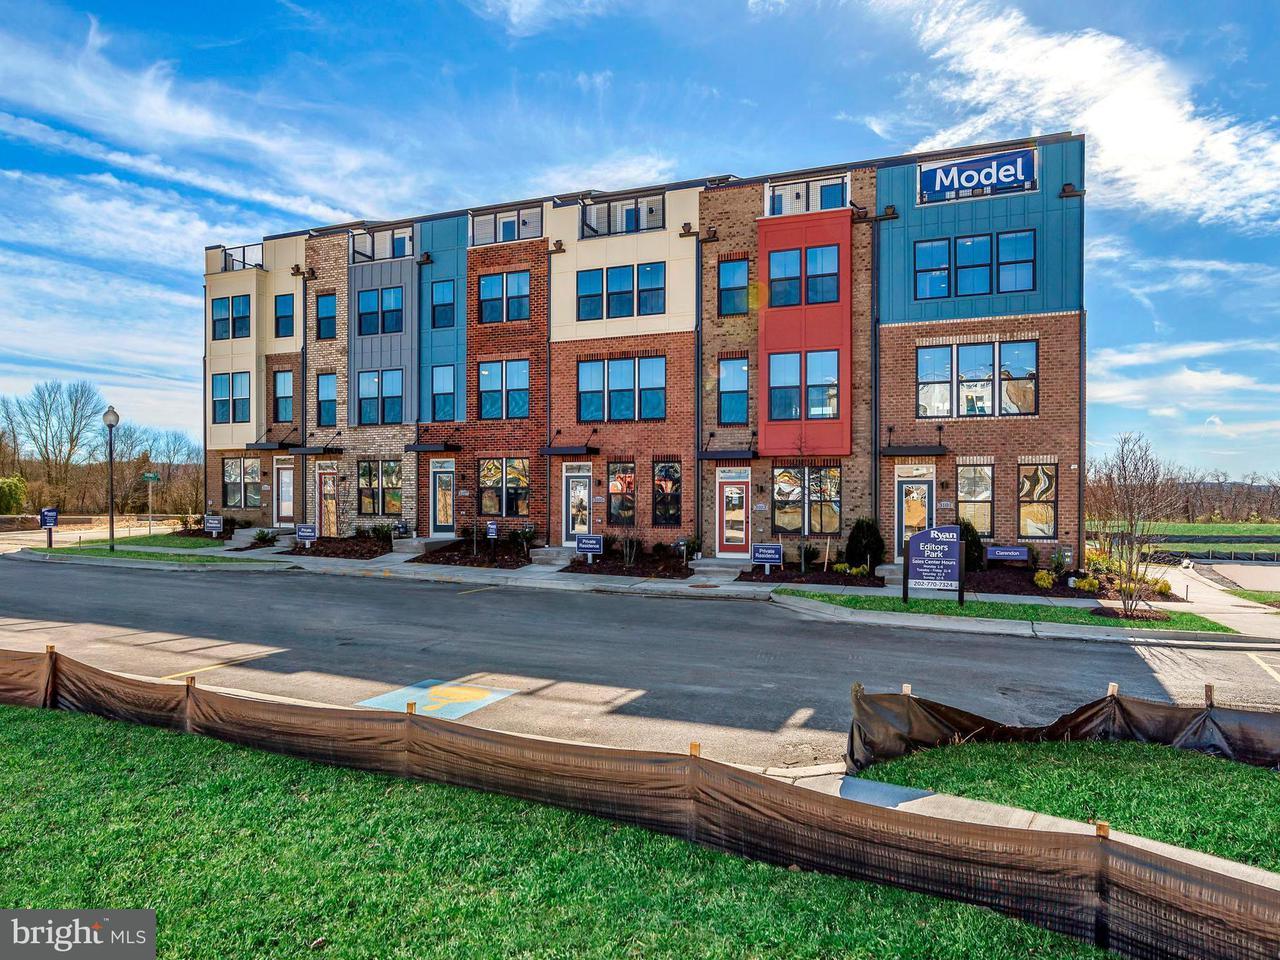 Σπίτι στην πόλη για την Πώληση στο 3318 TRIBUNE CT #D 3318 TRIBUNE CT #D Hyattsville, Μεριλαντ 20782 Ηνωμενεσ Πολιτειεσ